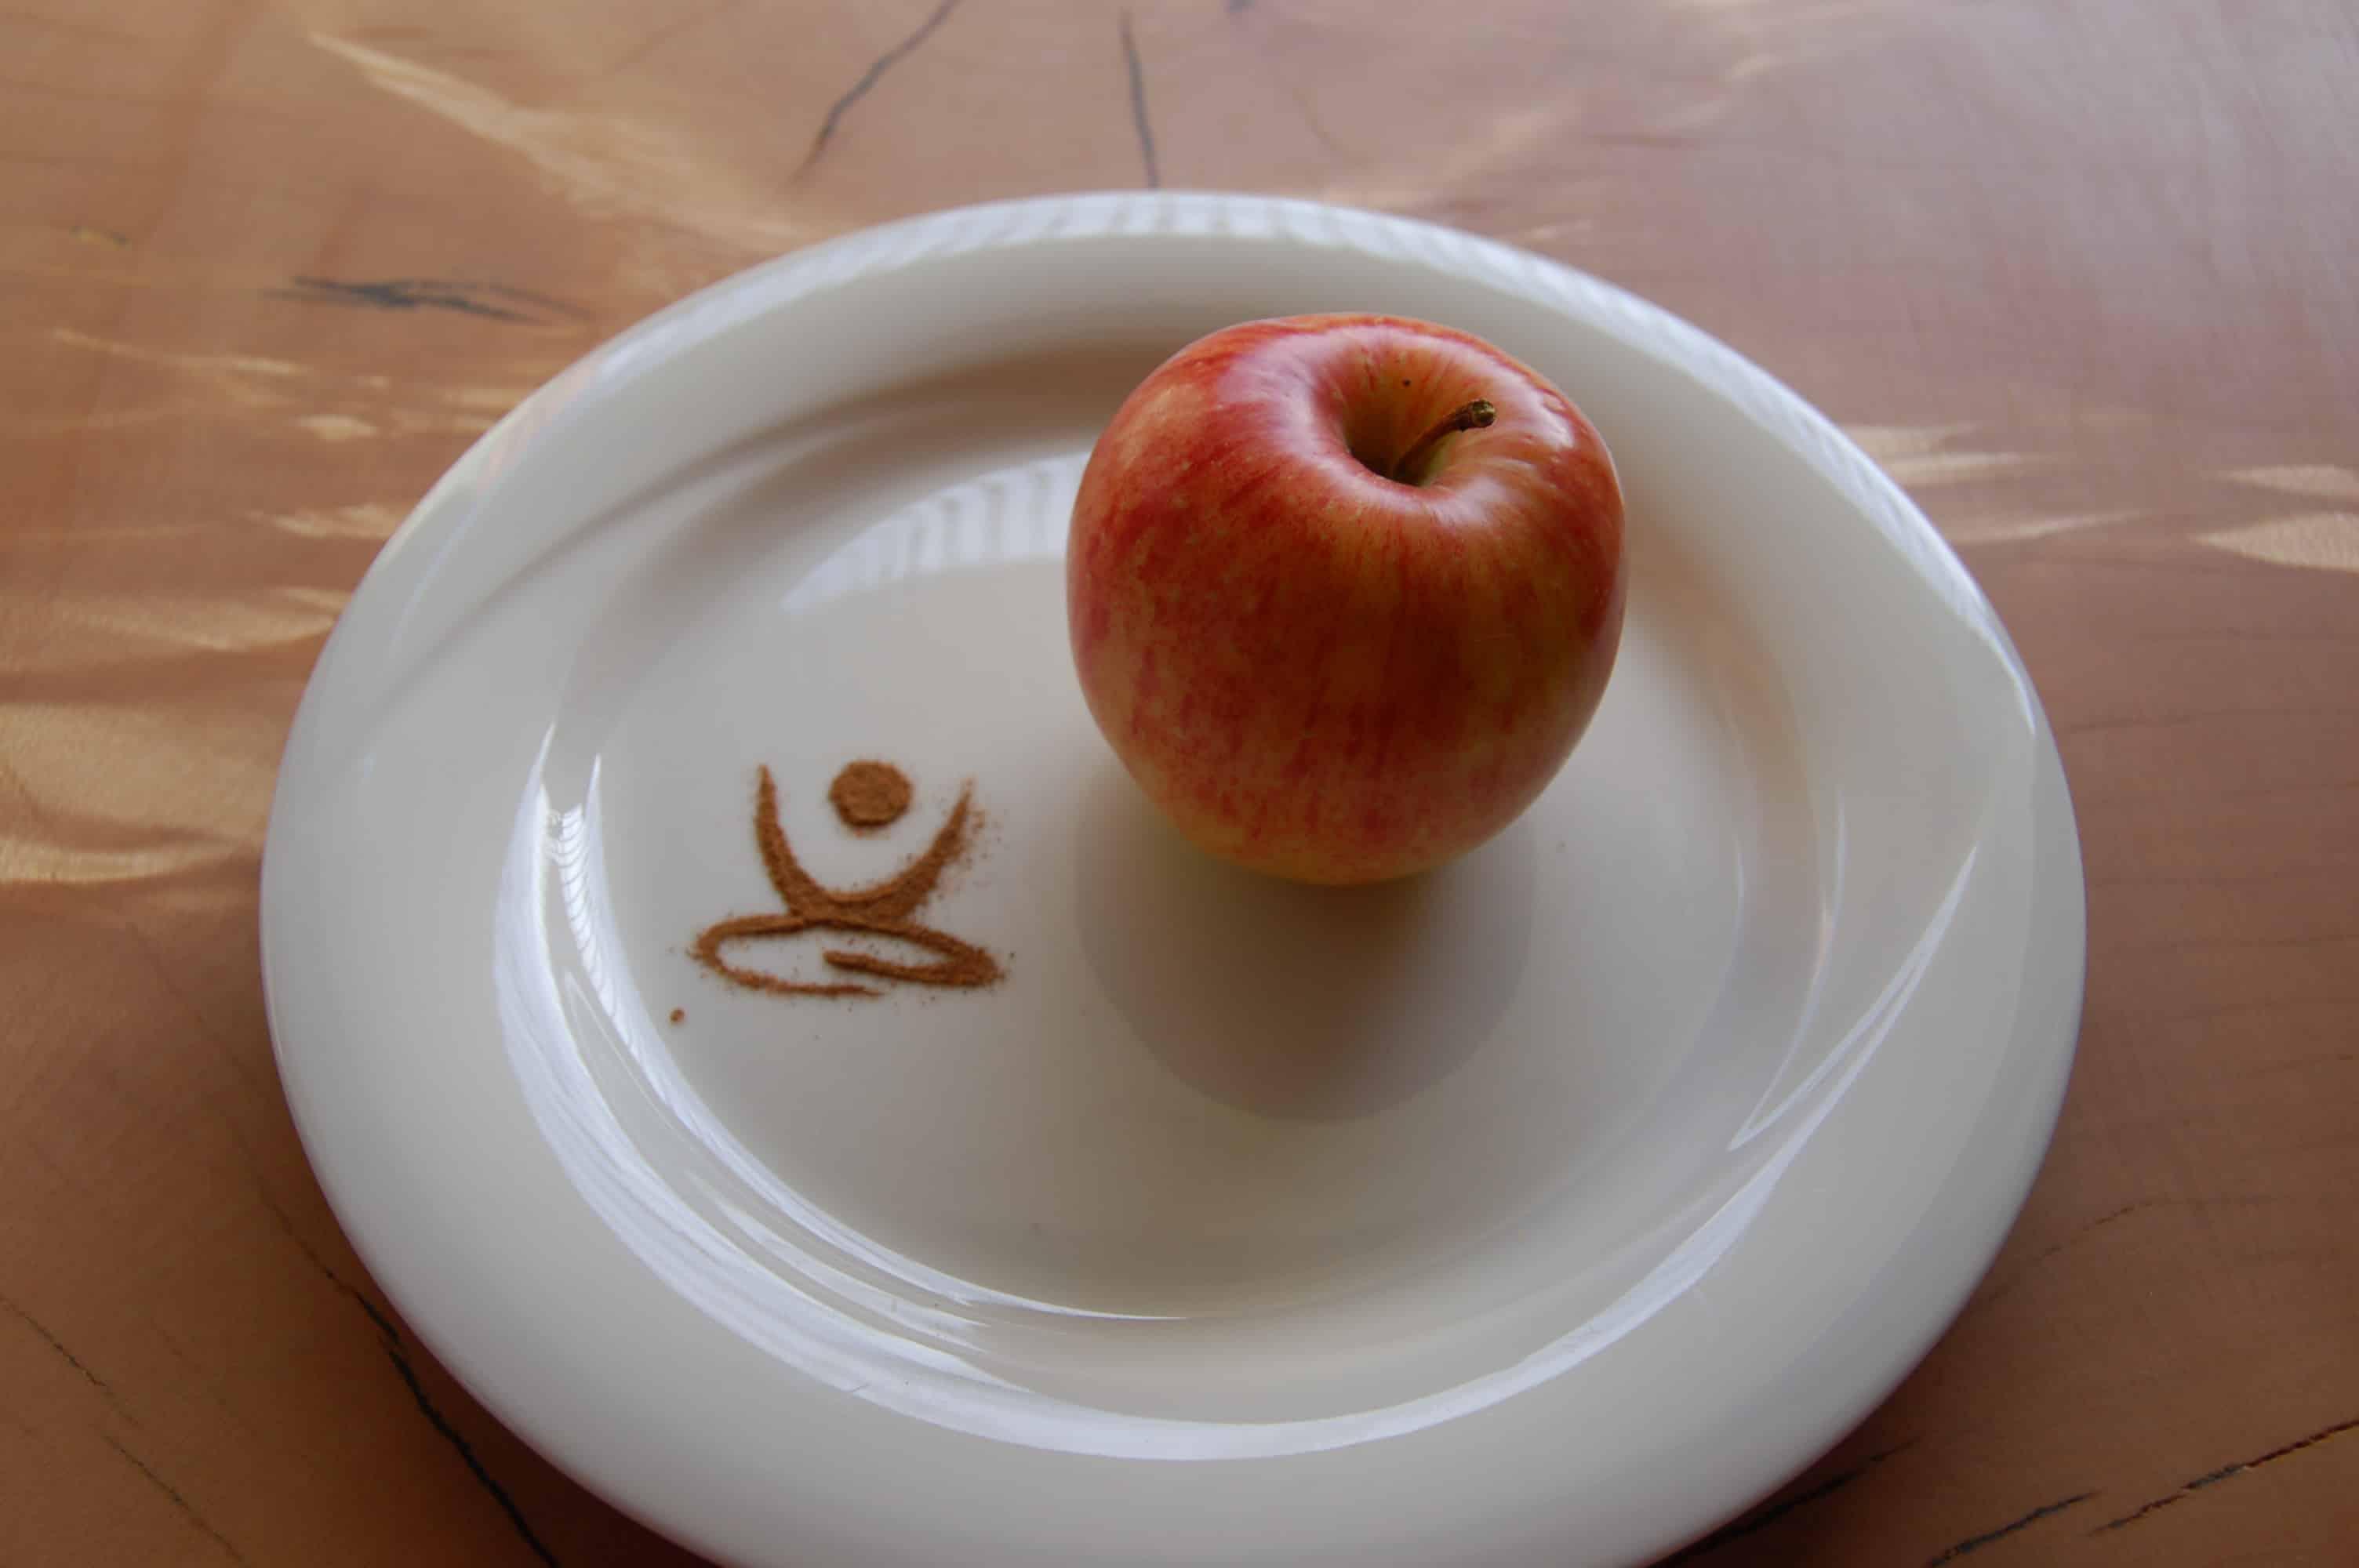 Fasten, Fastenbrechen, Fastenwoche, Beatebewegt, Apfel